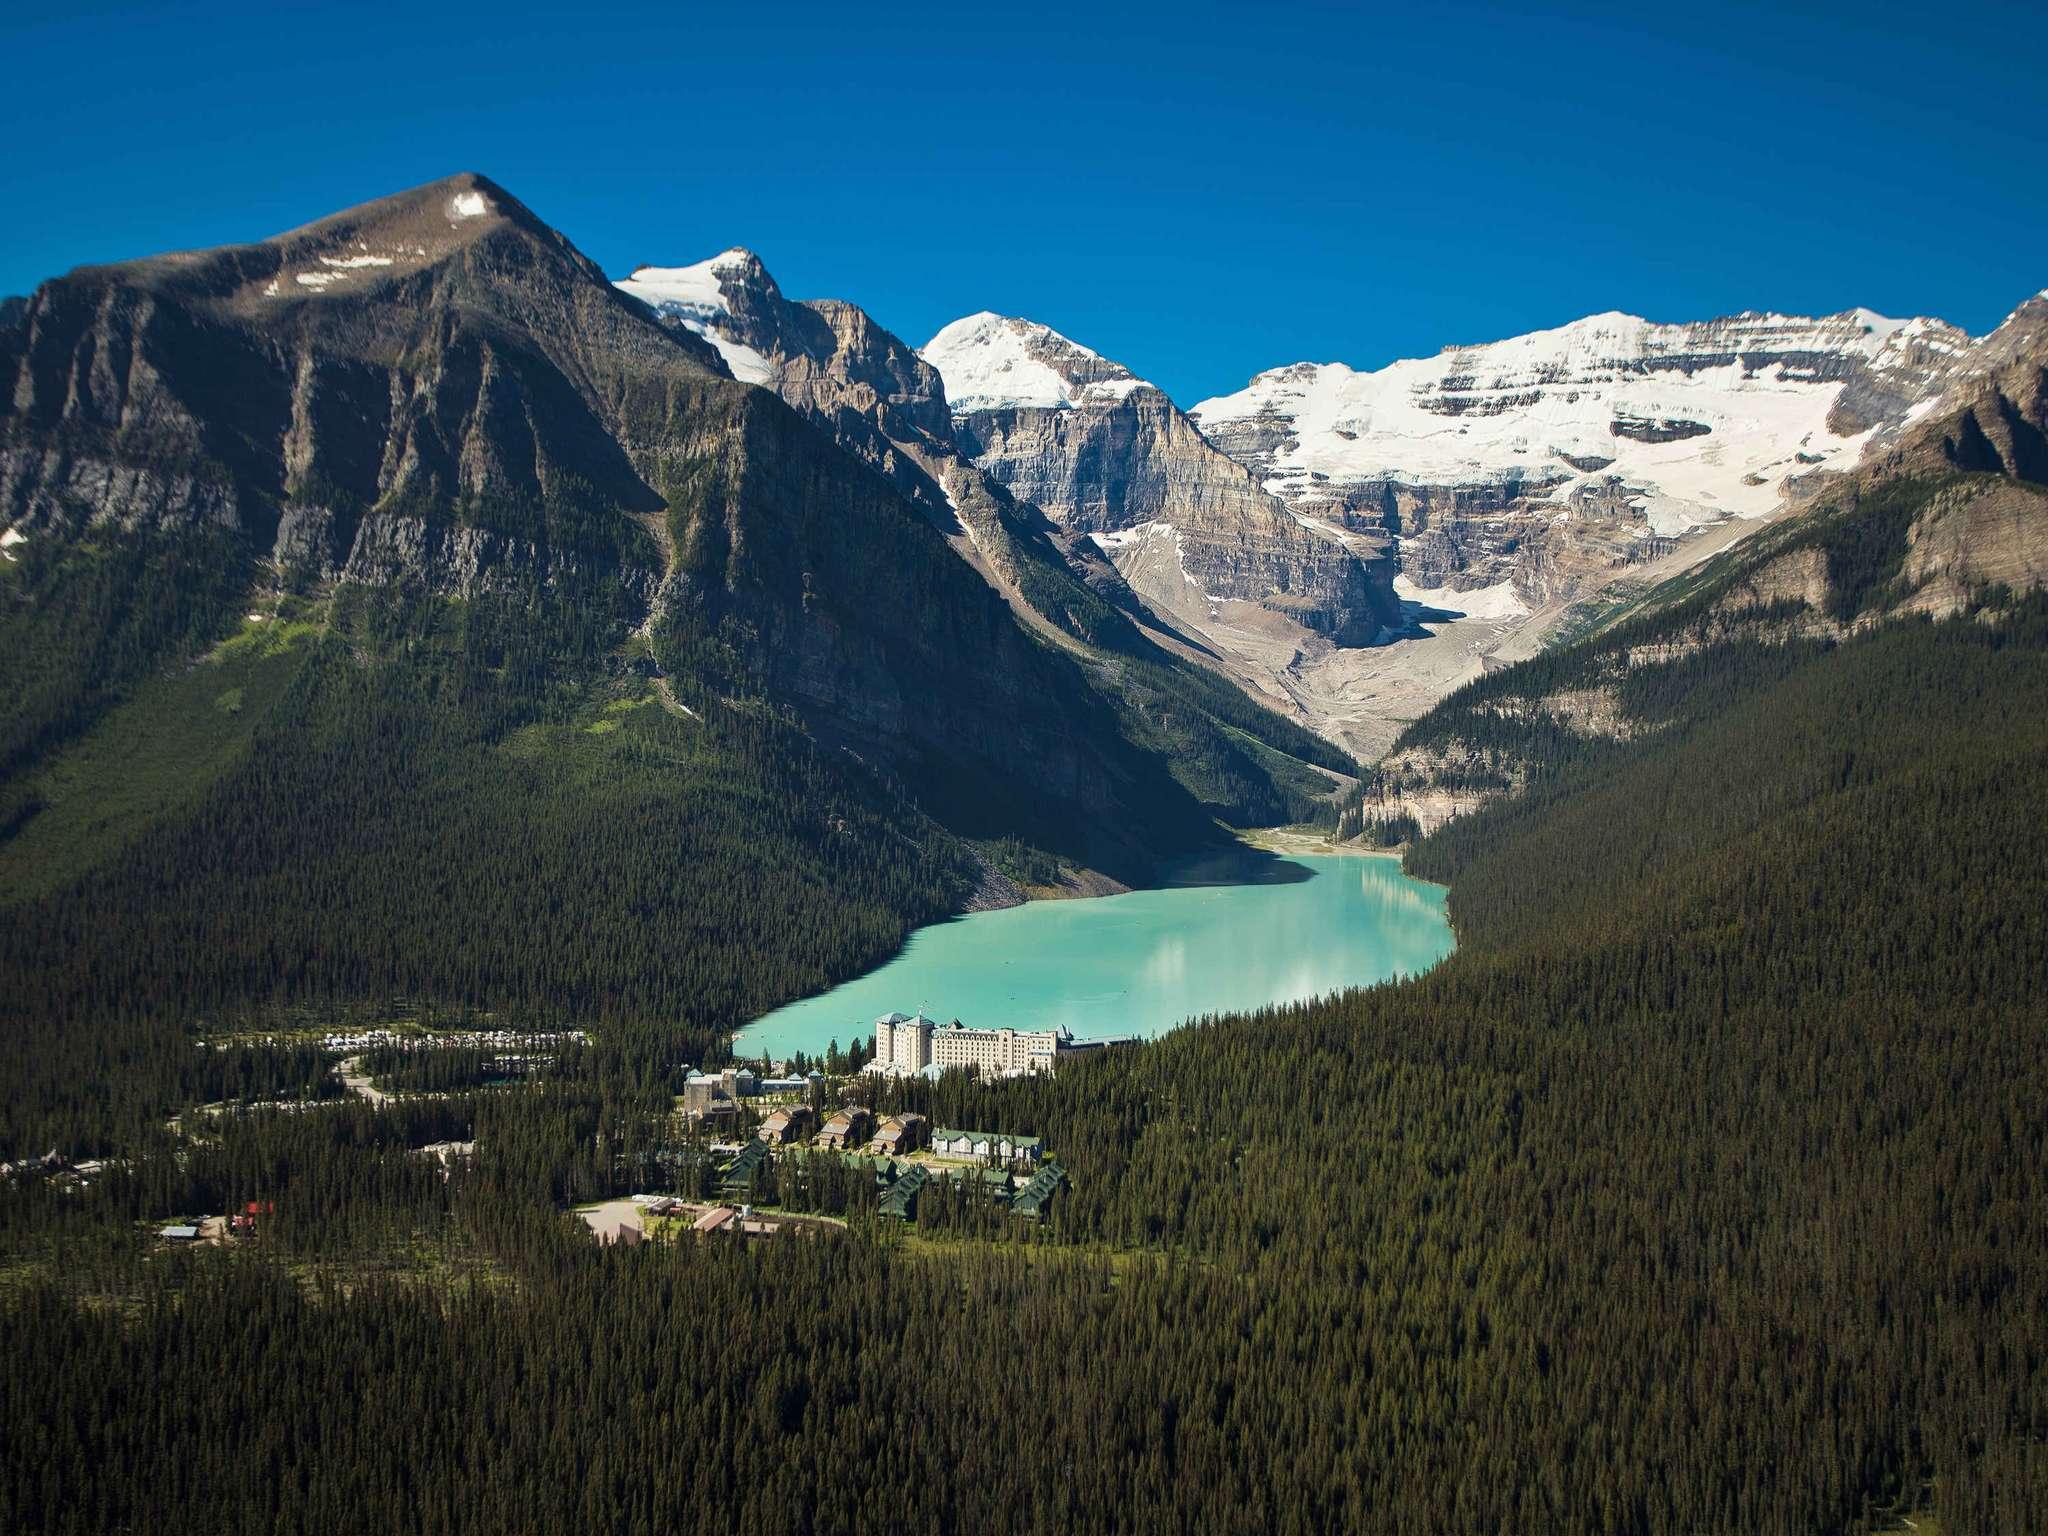 Hotel – Fairmont Chateau Lake Louise